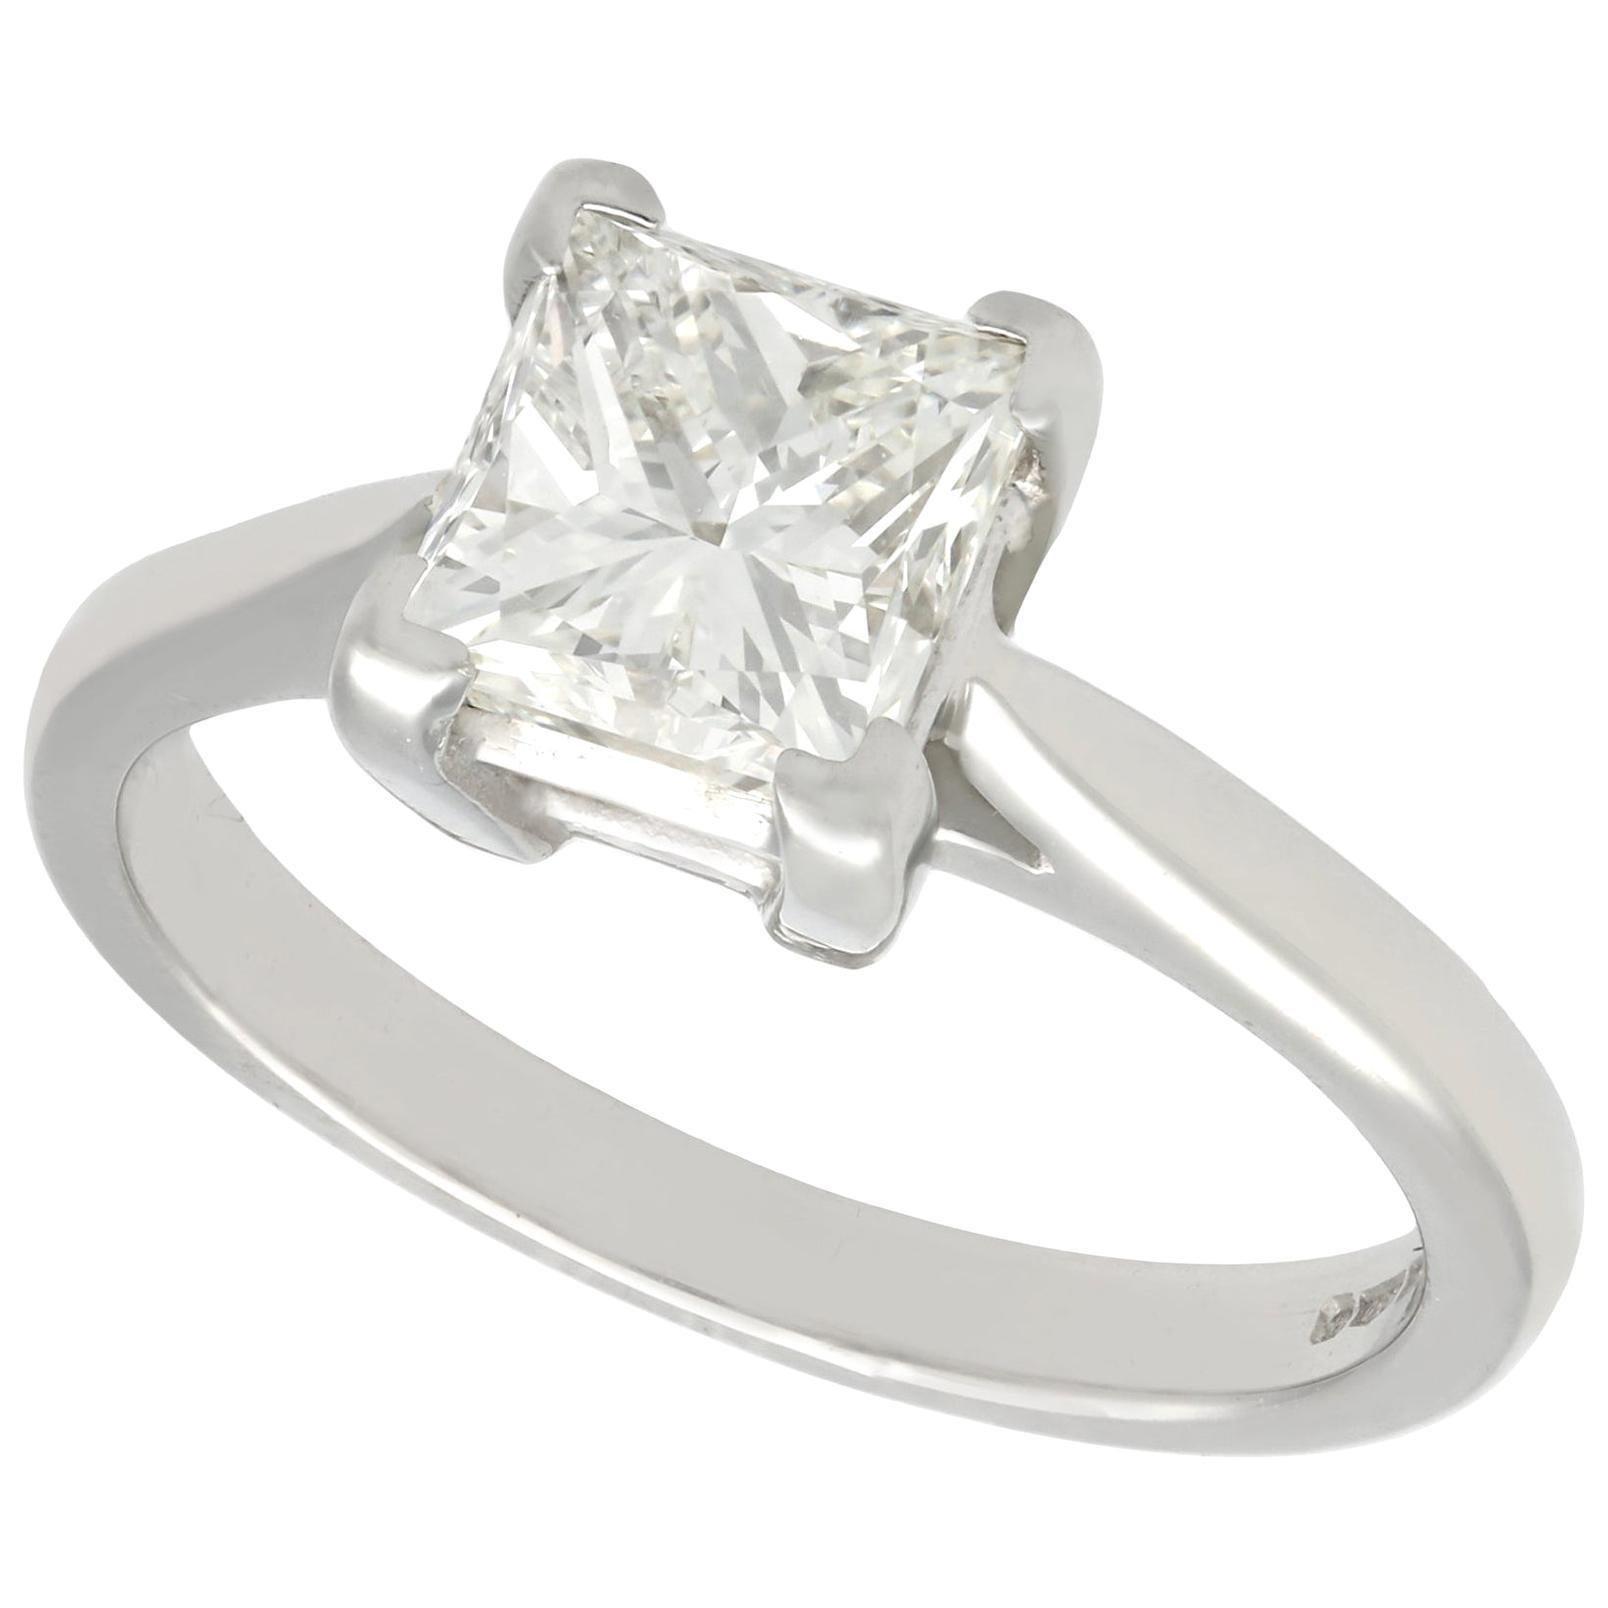 1.22 Carat Diamond and Platinum Solitaire Engagement Ring